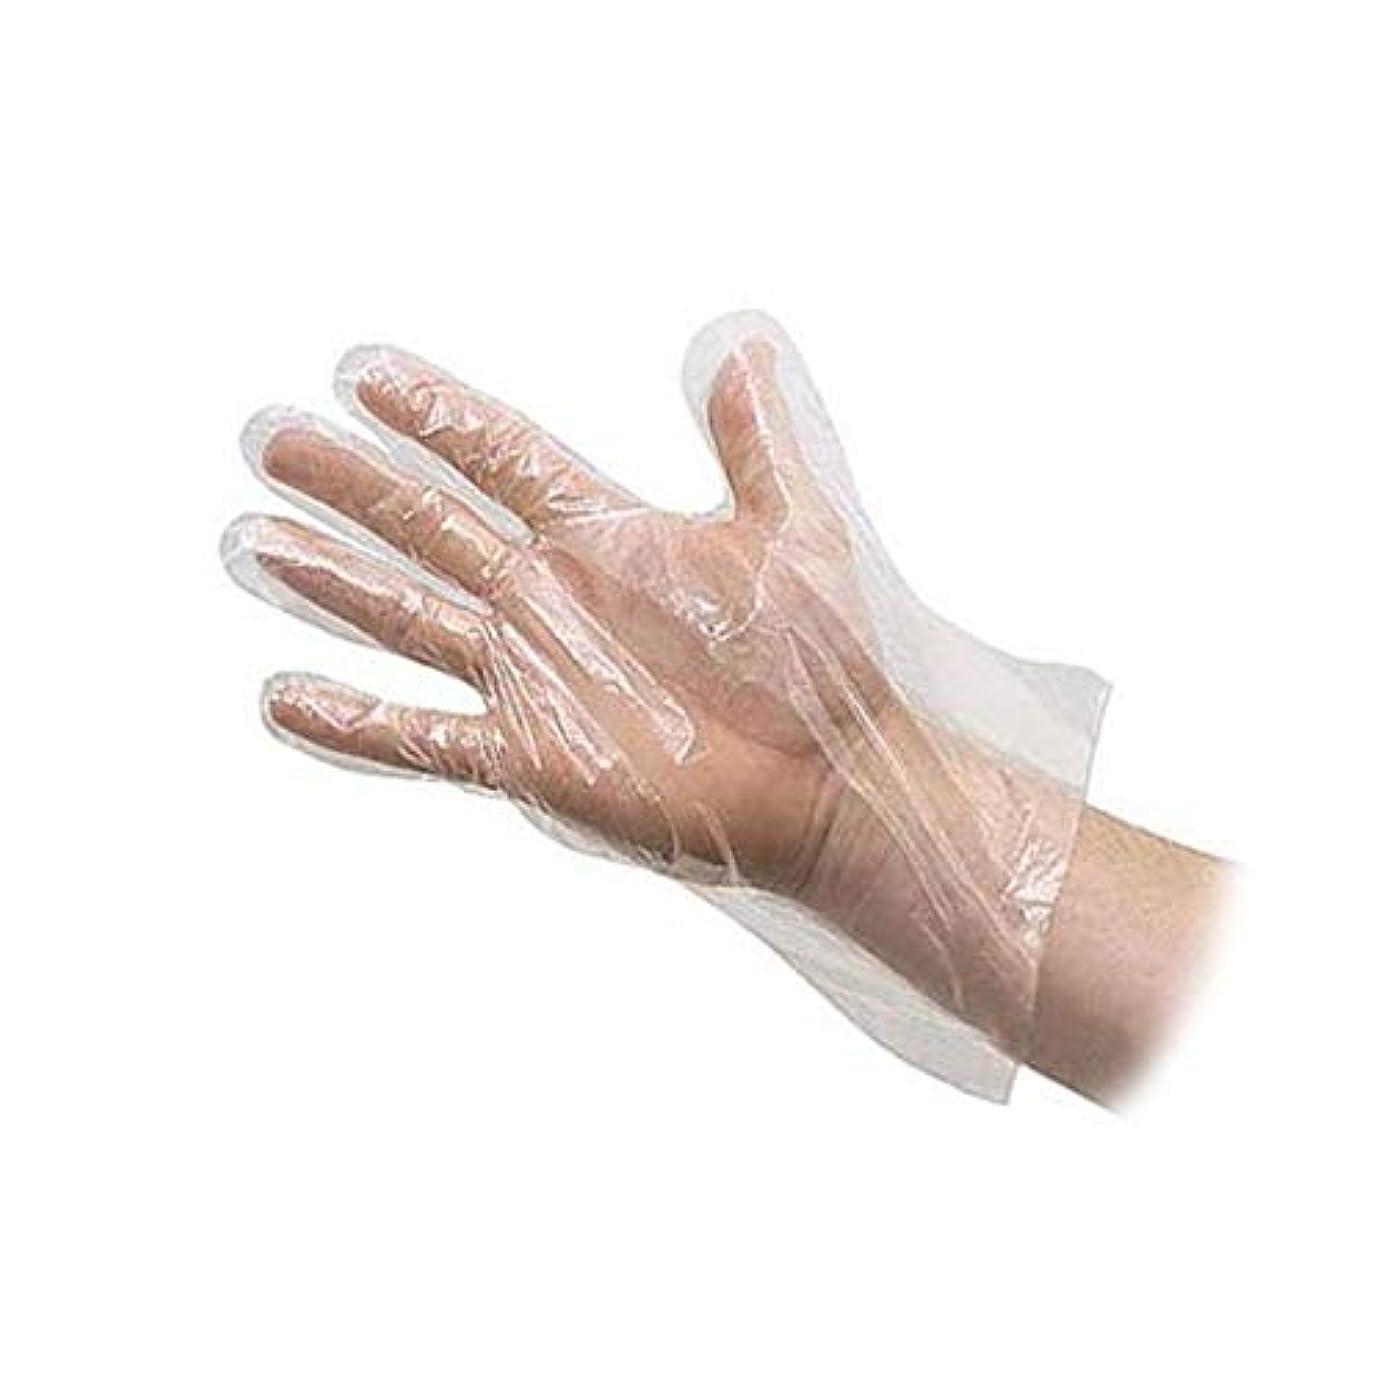 スキャンダラスウルル大聖堂(デマ―クト)De?markt ポリエチレン 手袋 使い捨て手袋 カタエンボス 調理用 食品 プラスチック ホワイト 粉なし 食品衛生 透明 左右兼用 薄型 ビニール極薄手袋 100枚入